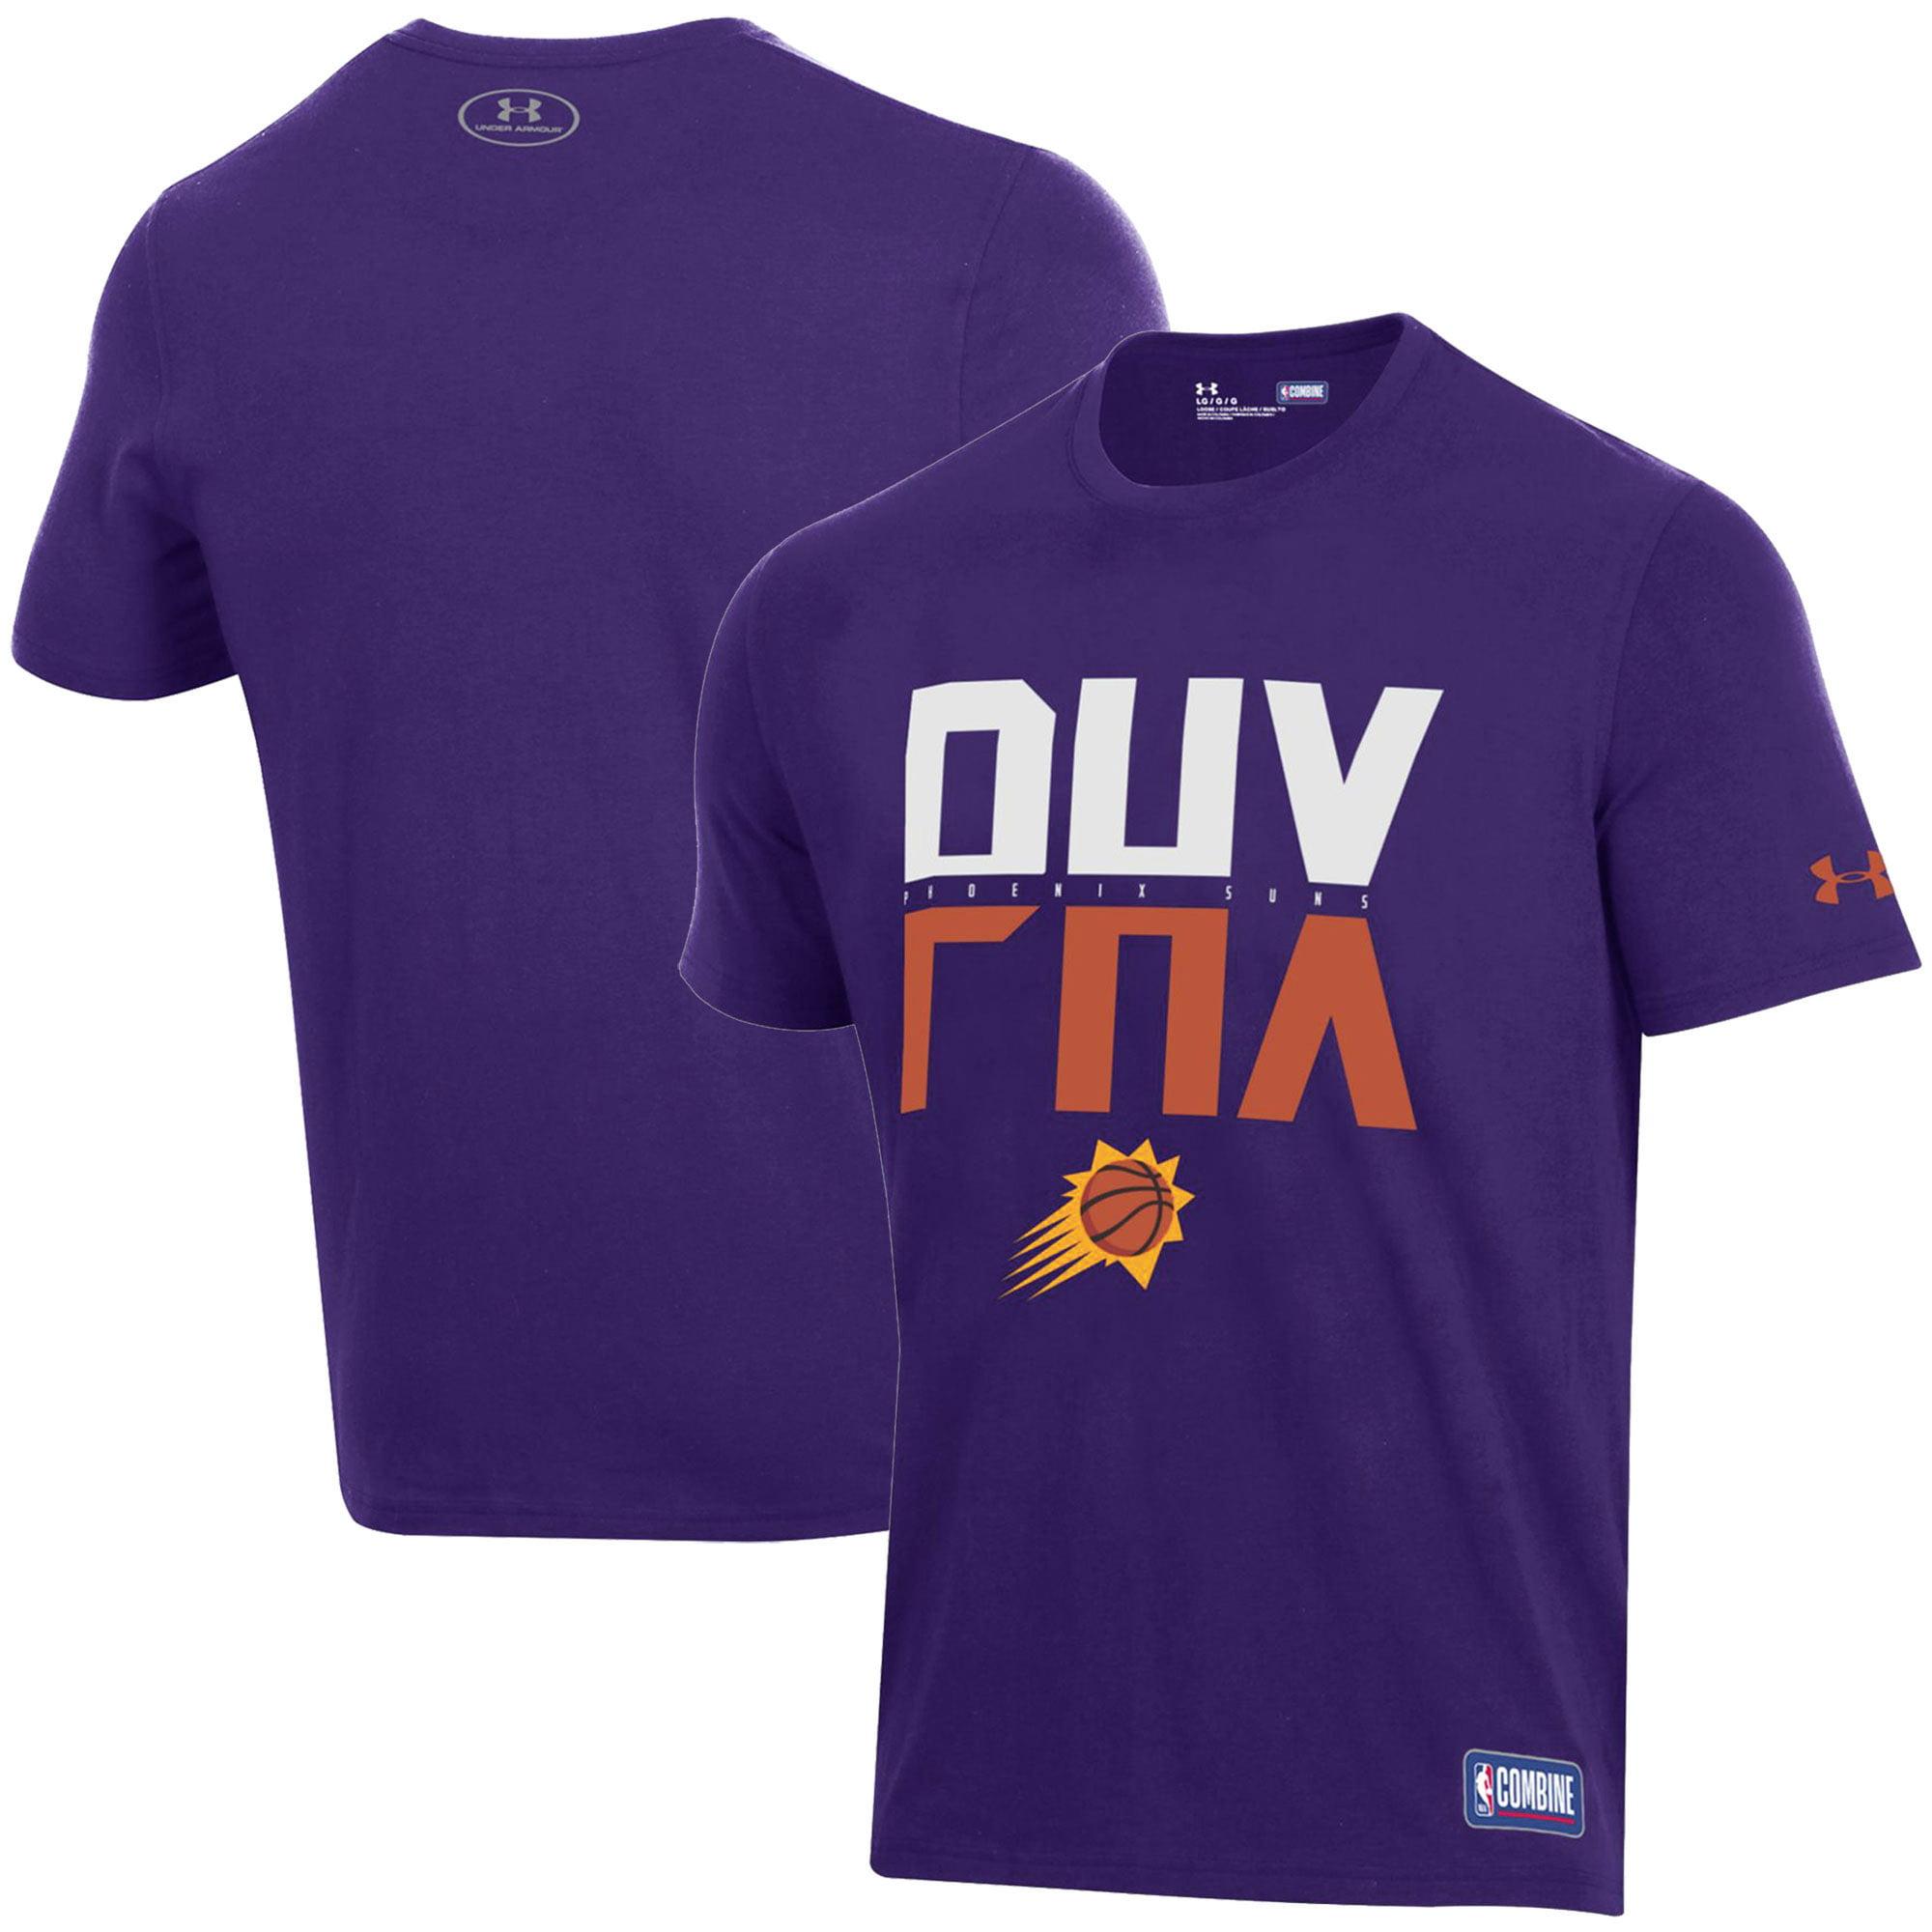 Phoenix Suns Under Armour Combine Authentic City Performance T-Shirt - Purple